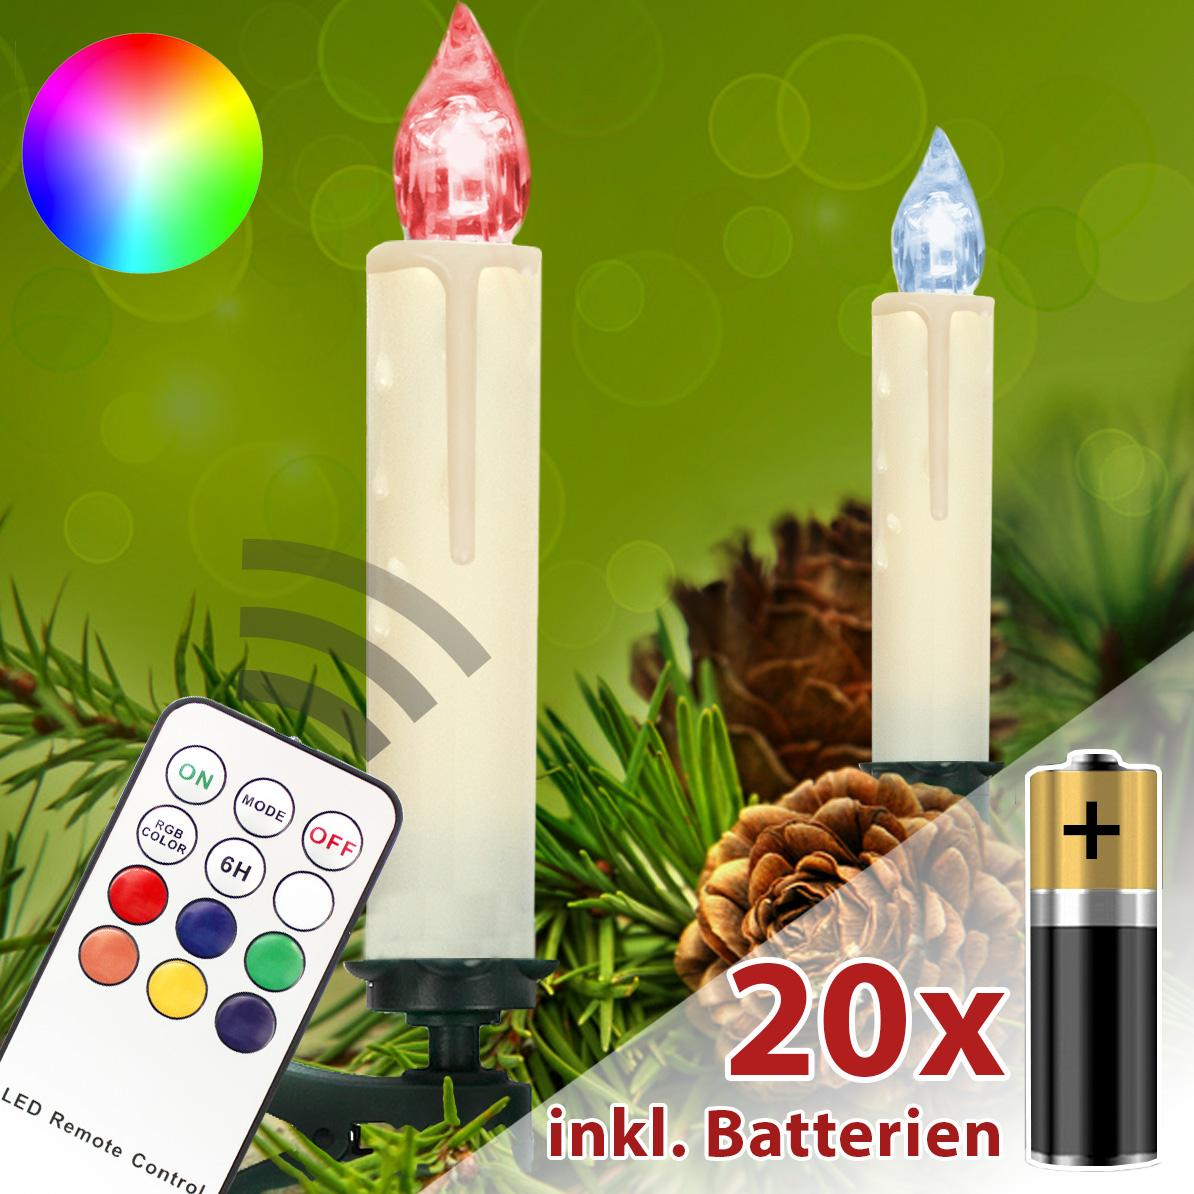 led weihnachtskerzen rgb kabellose lichterkette weihnachtsbaumbeleuchtung kerzen ebay. Black Bedroom Furniture Sets. Home Design Ideas